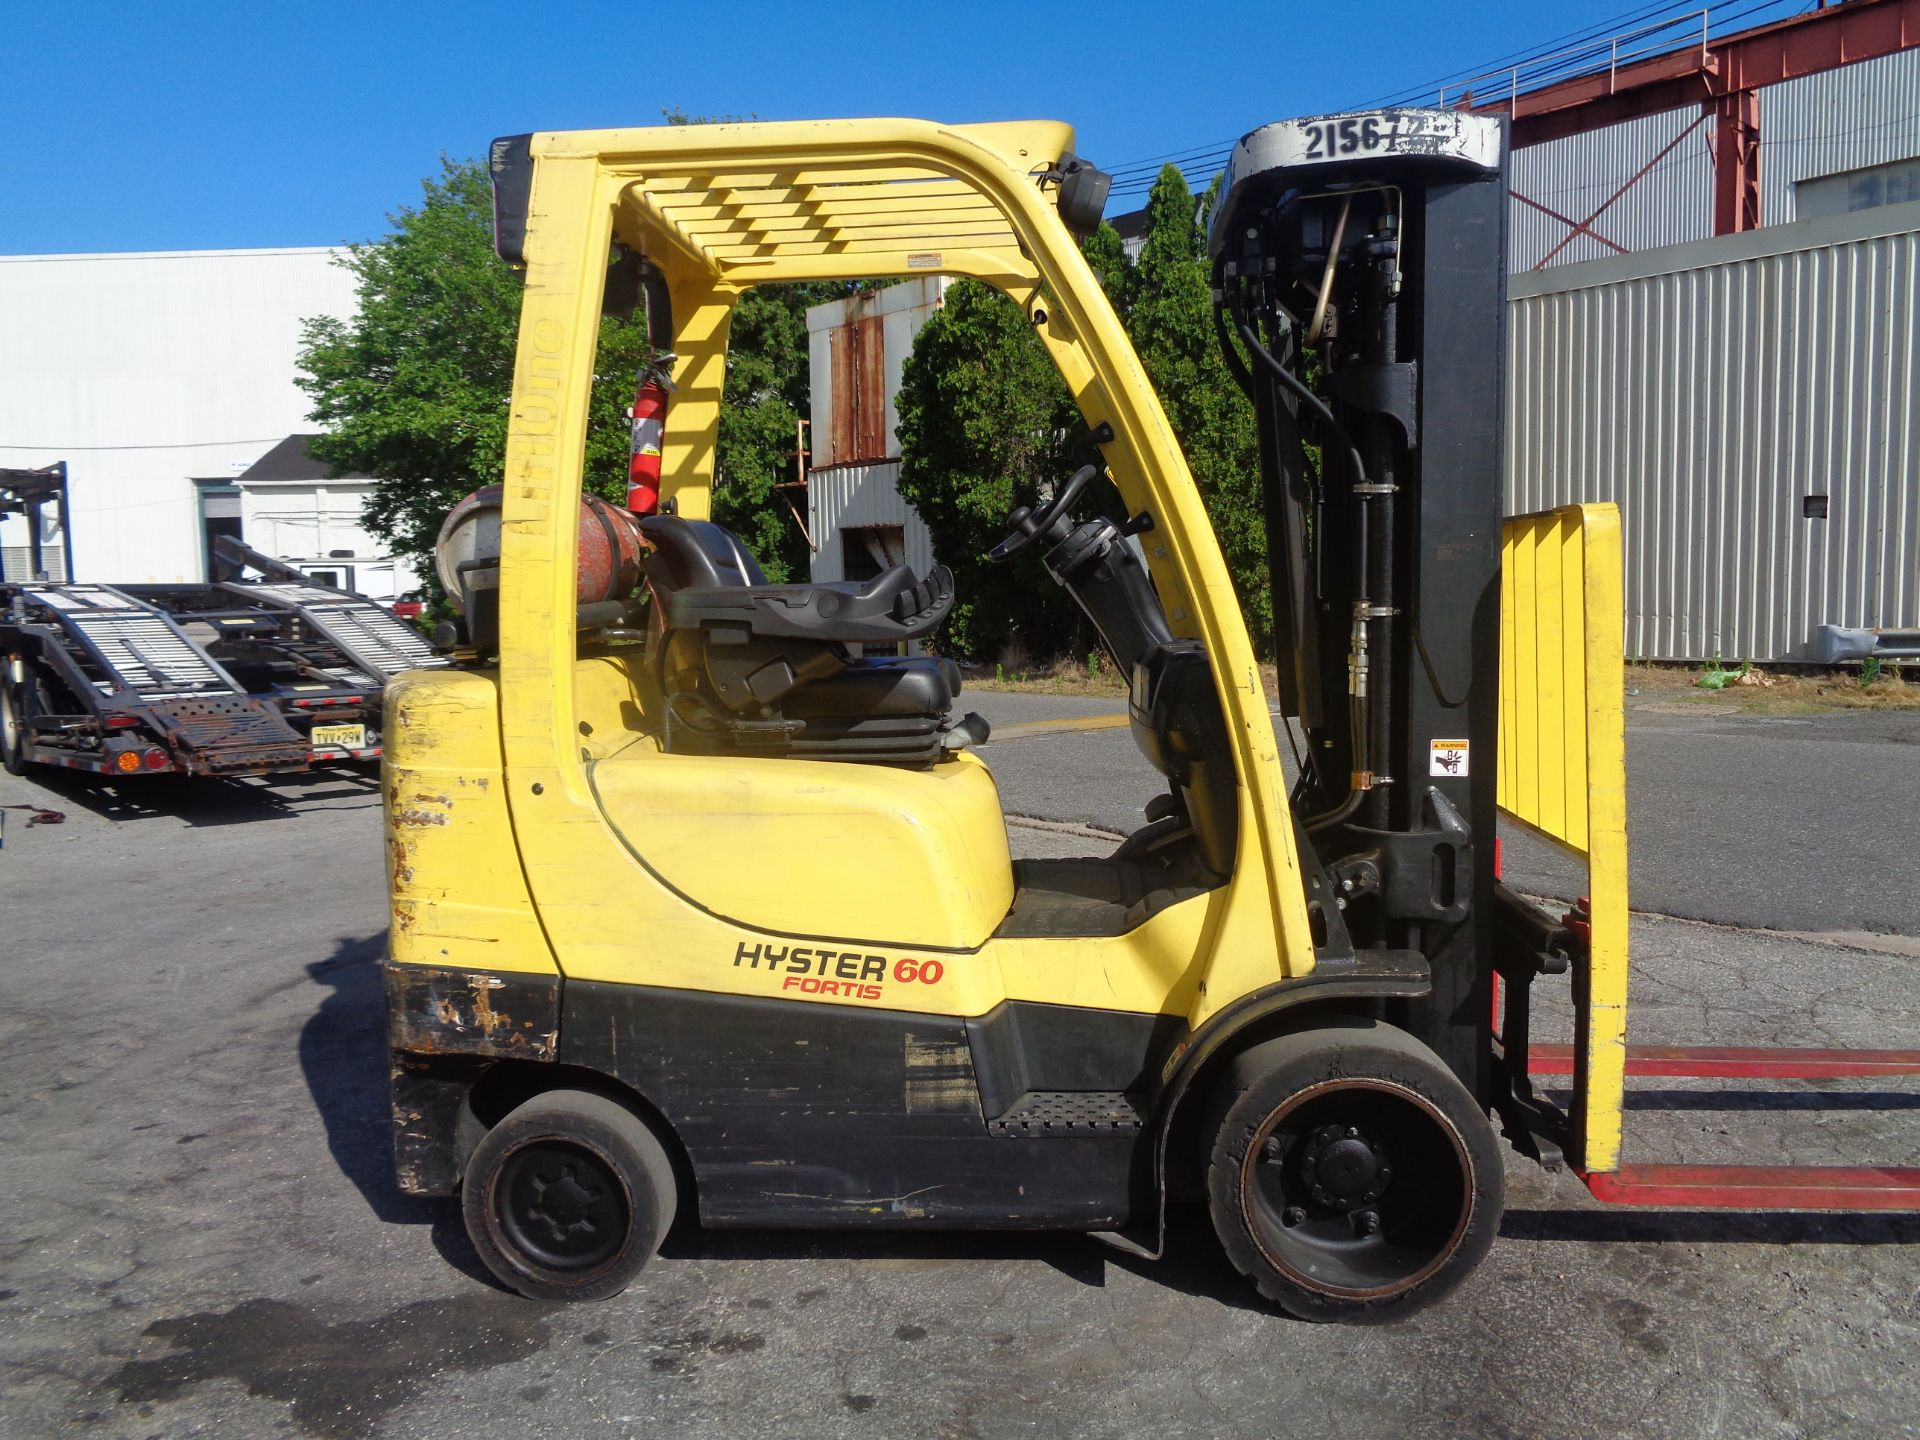 2012 Hyster S60FT 6,000lb Forklift - Quad Mast - Image 6 of 13